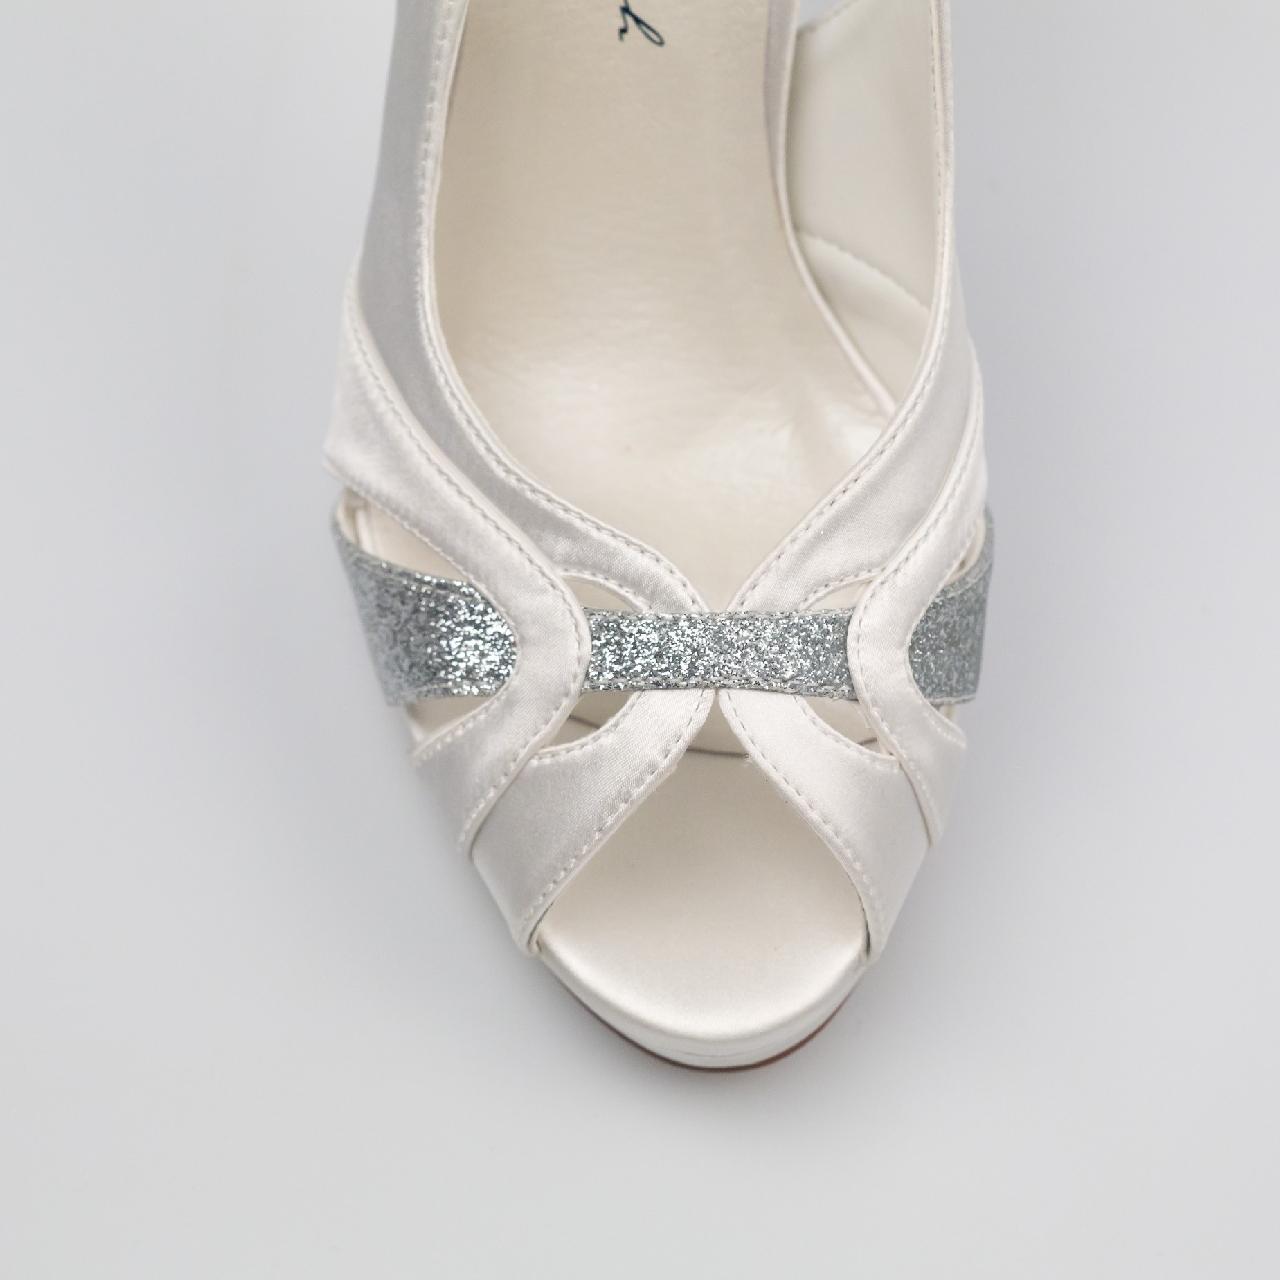 Svadobné topánky Norah - Obrázok č. 2